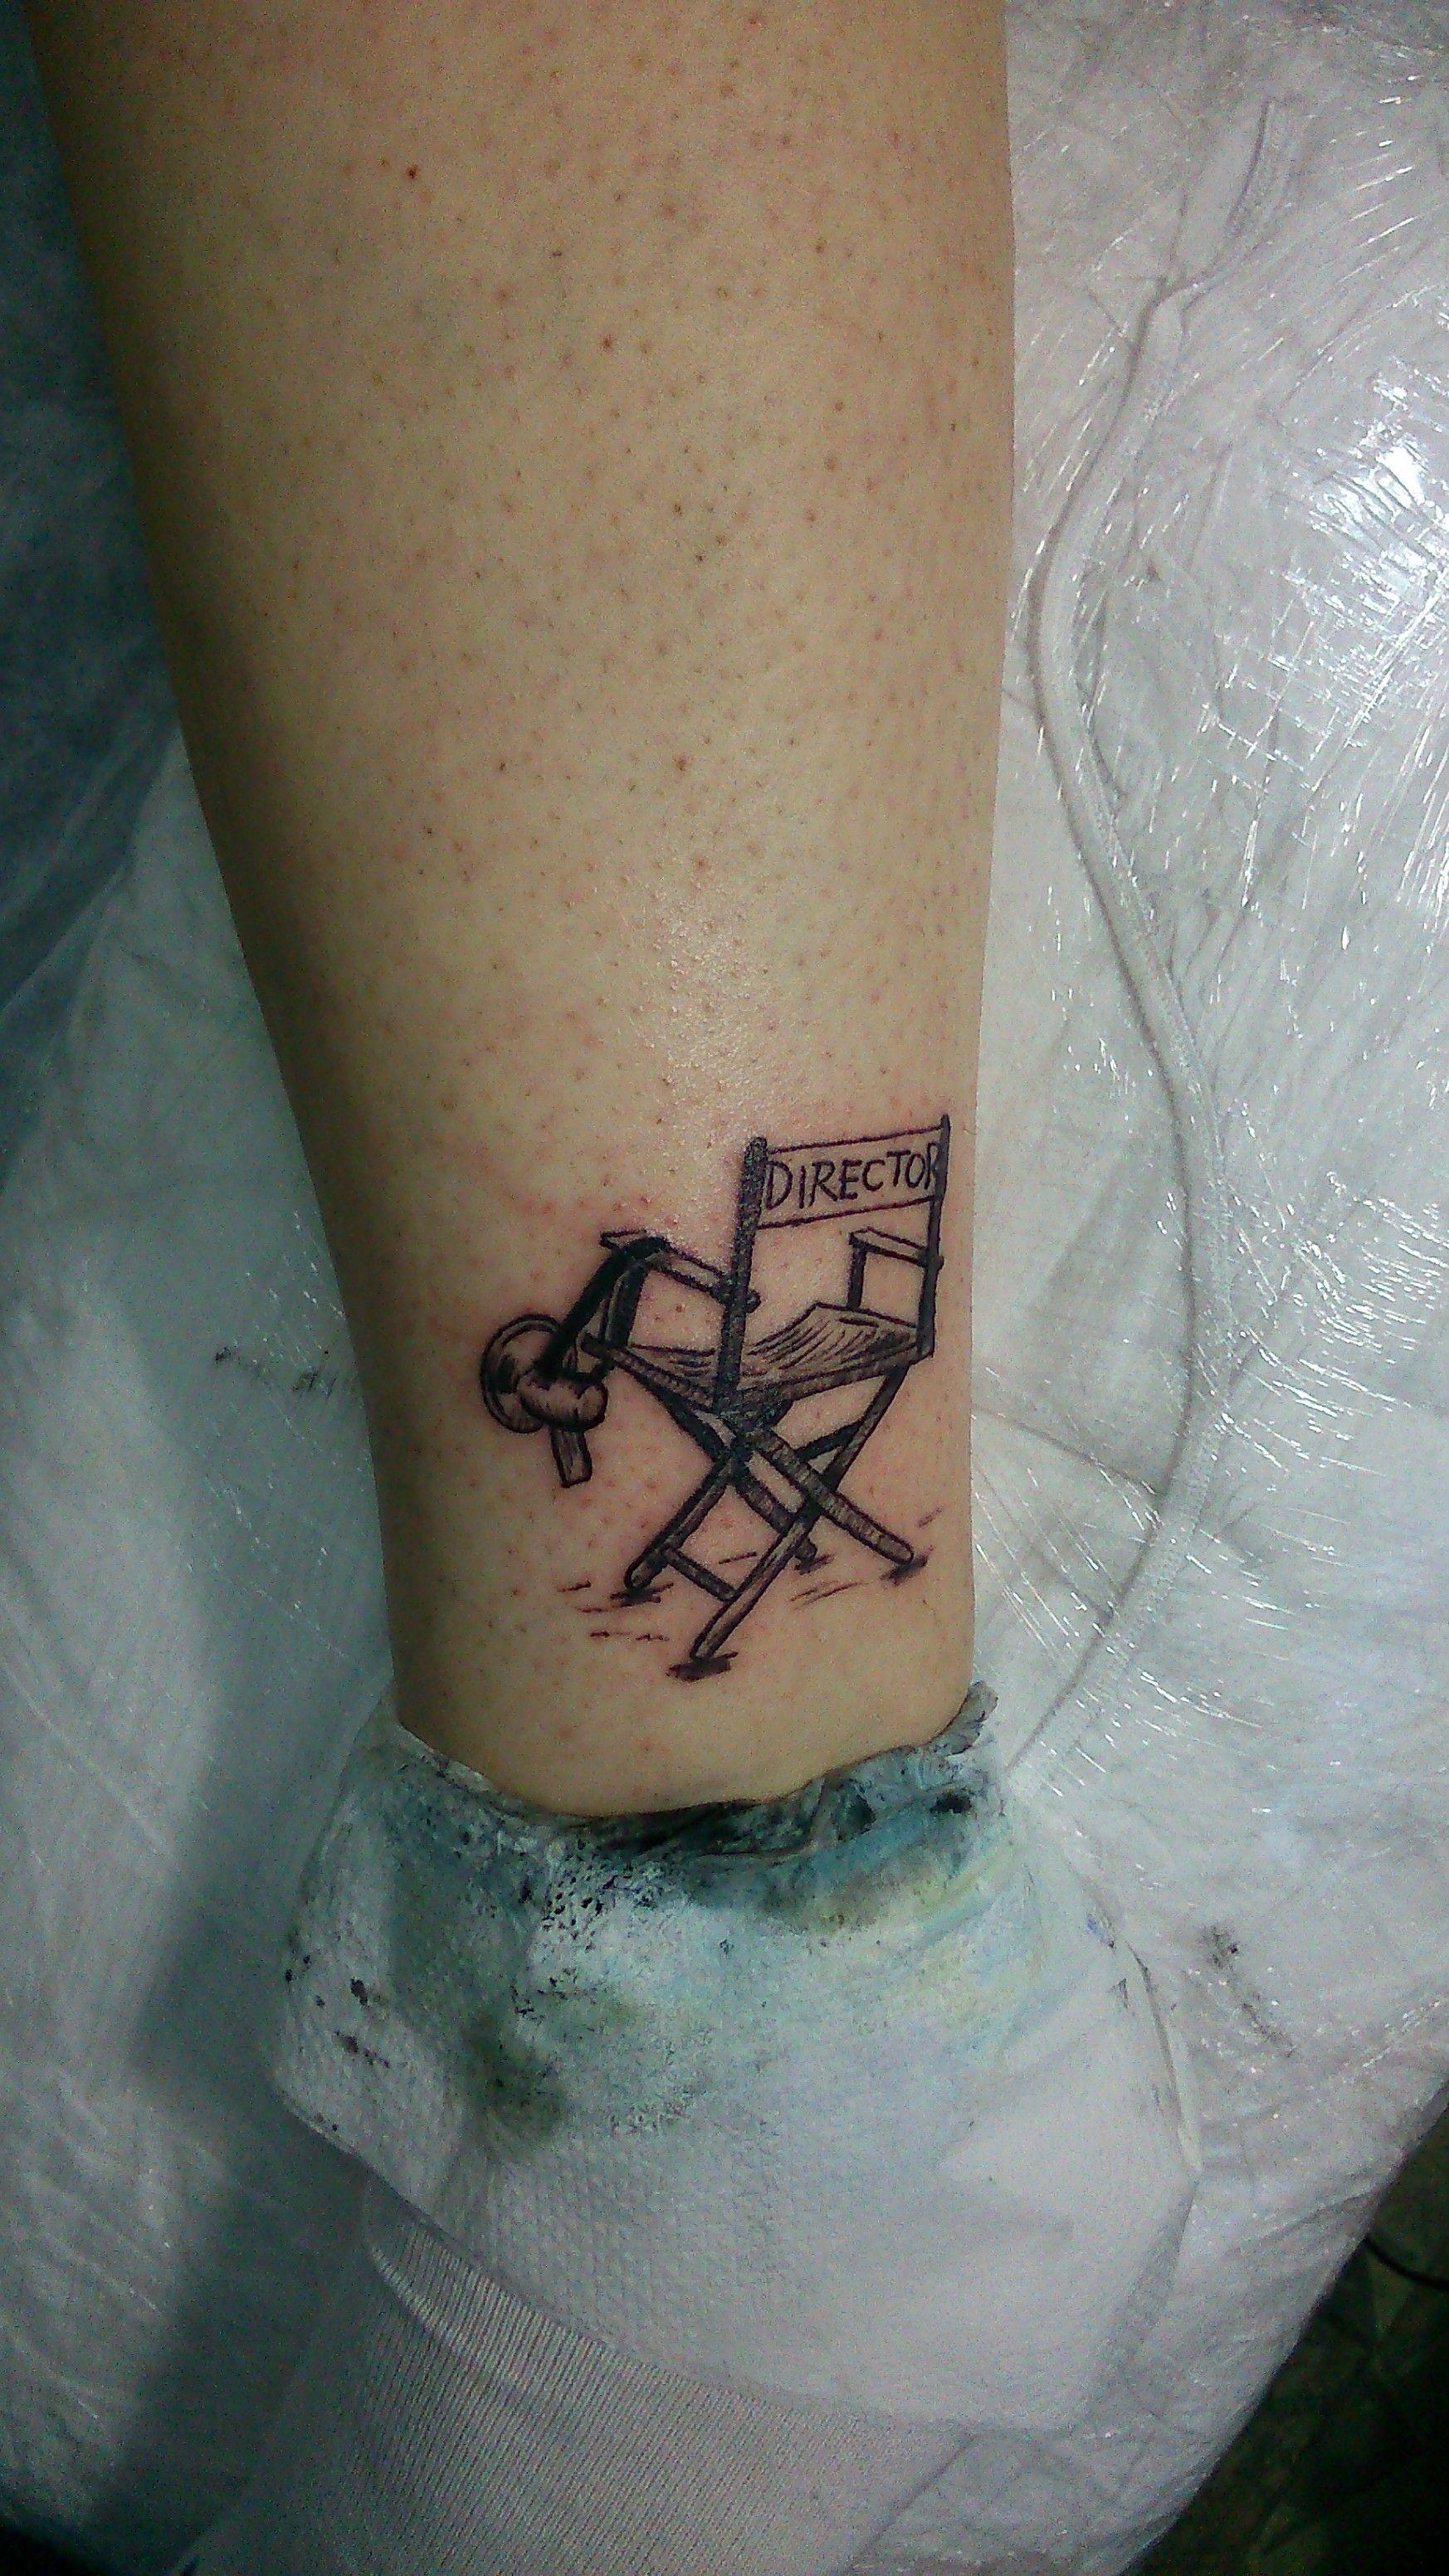 Director Chair Tattoo Simple Tattoo Minimal Tattoo Small Tattoos For Guys Ink Tattoo Minimal Tattoo